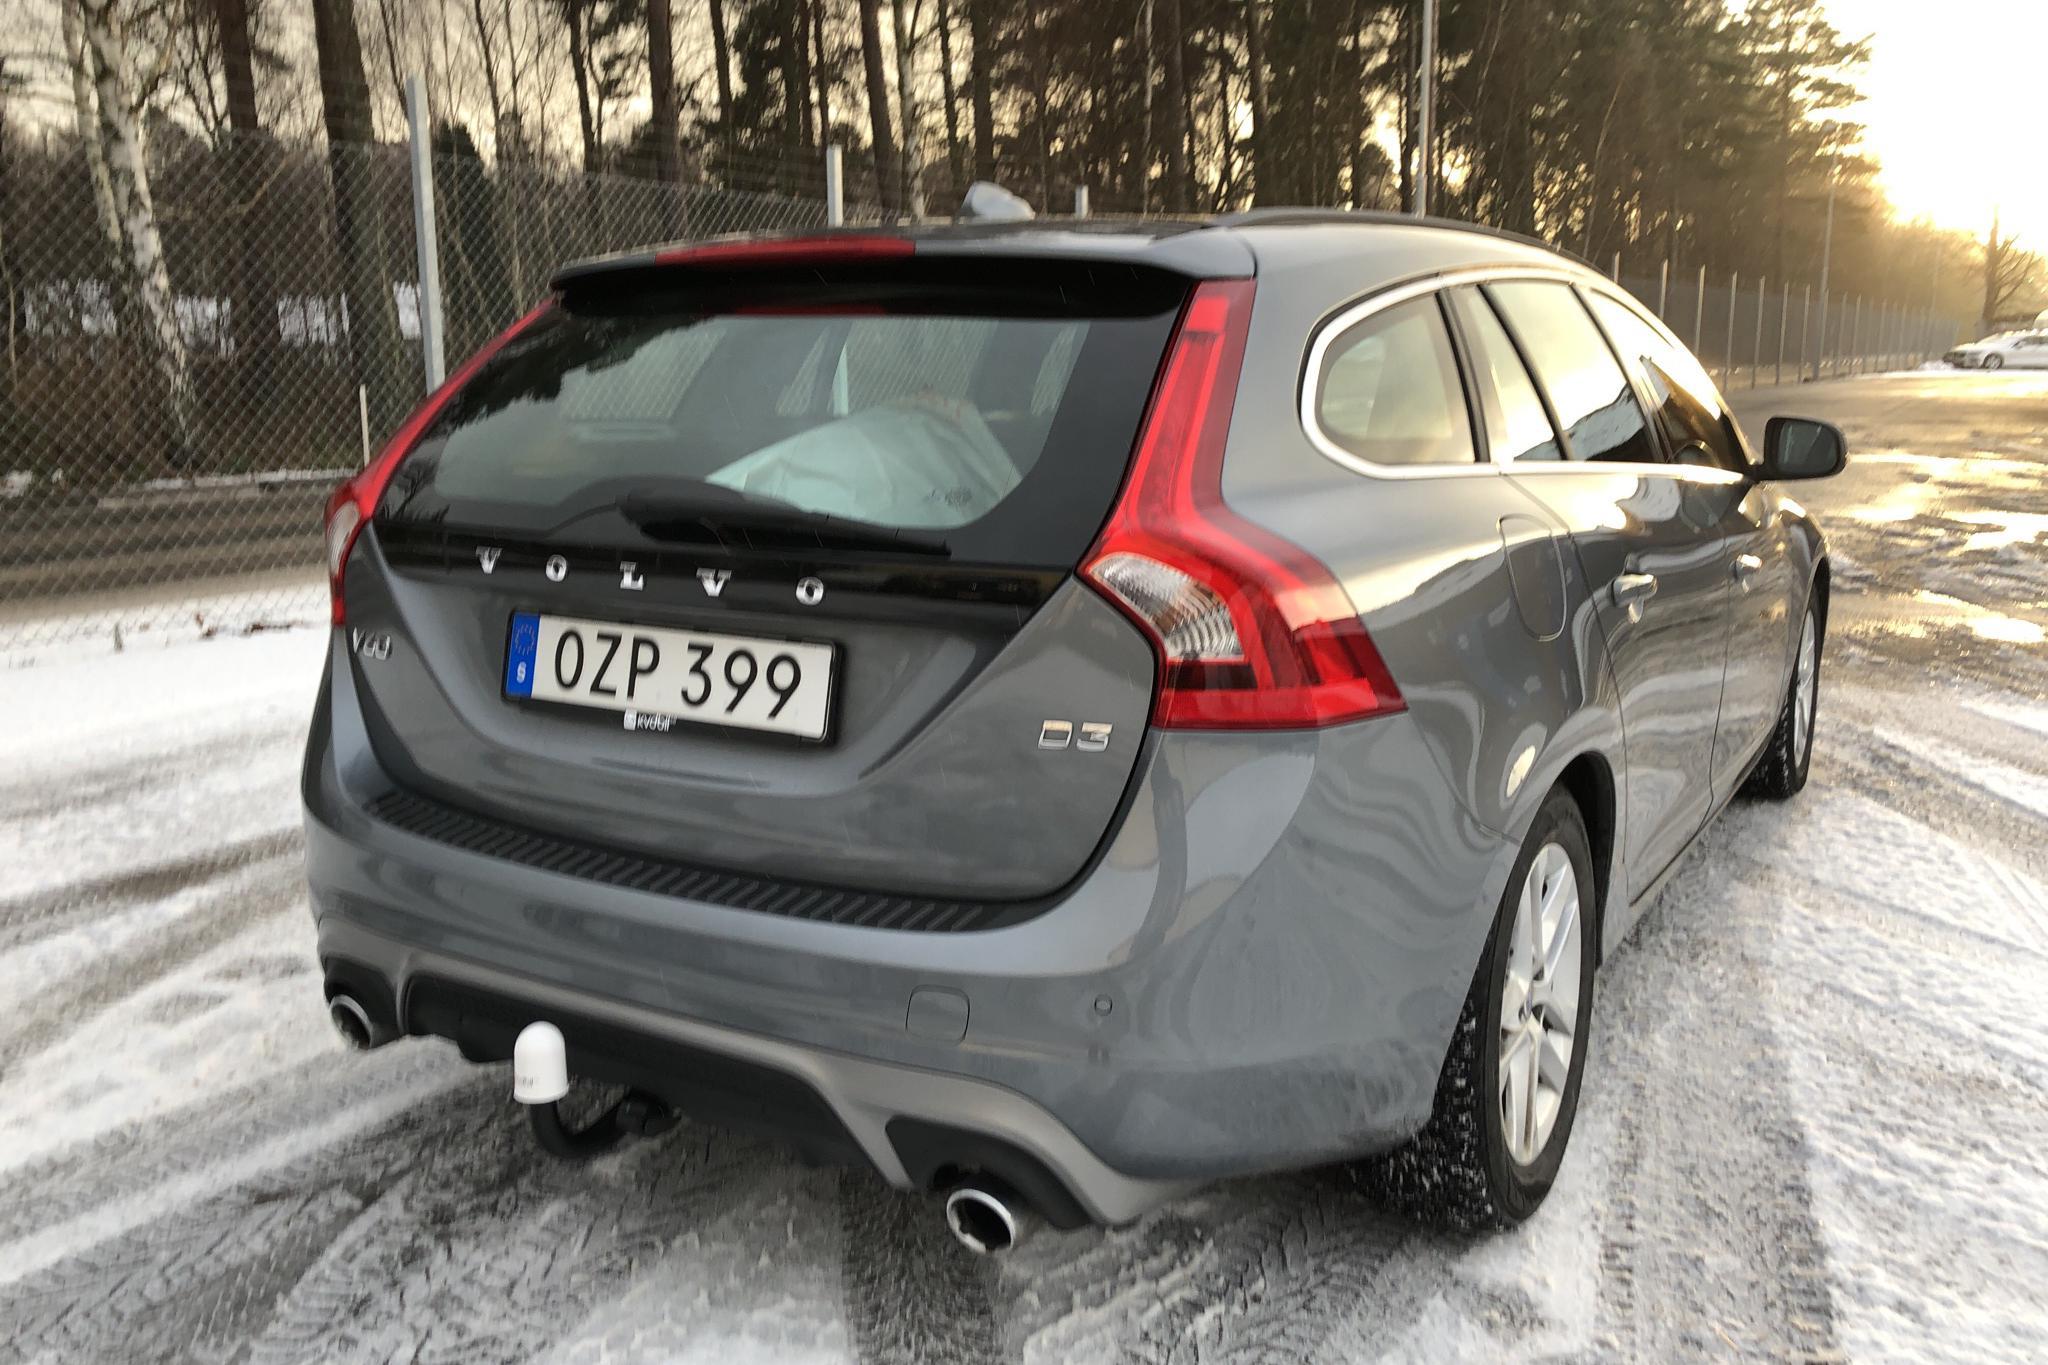 Volvo V60 D3 (150hk) - 72 320 km - Manual - gray - 2016